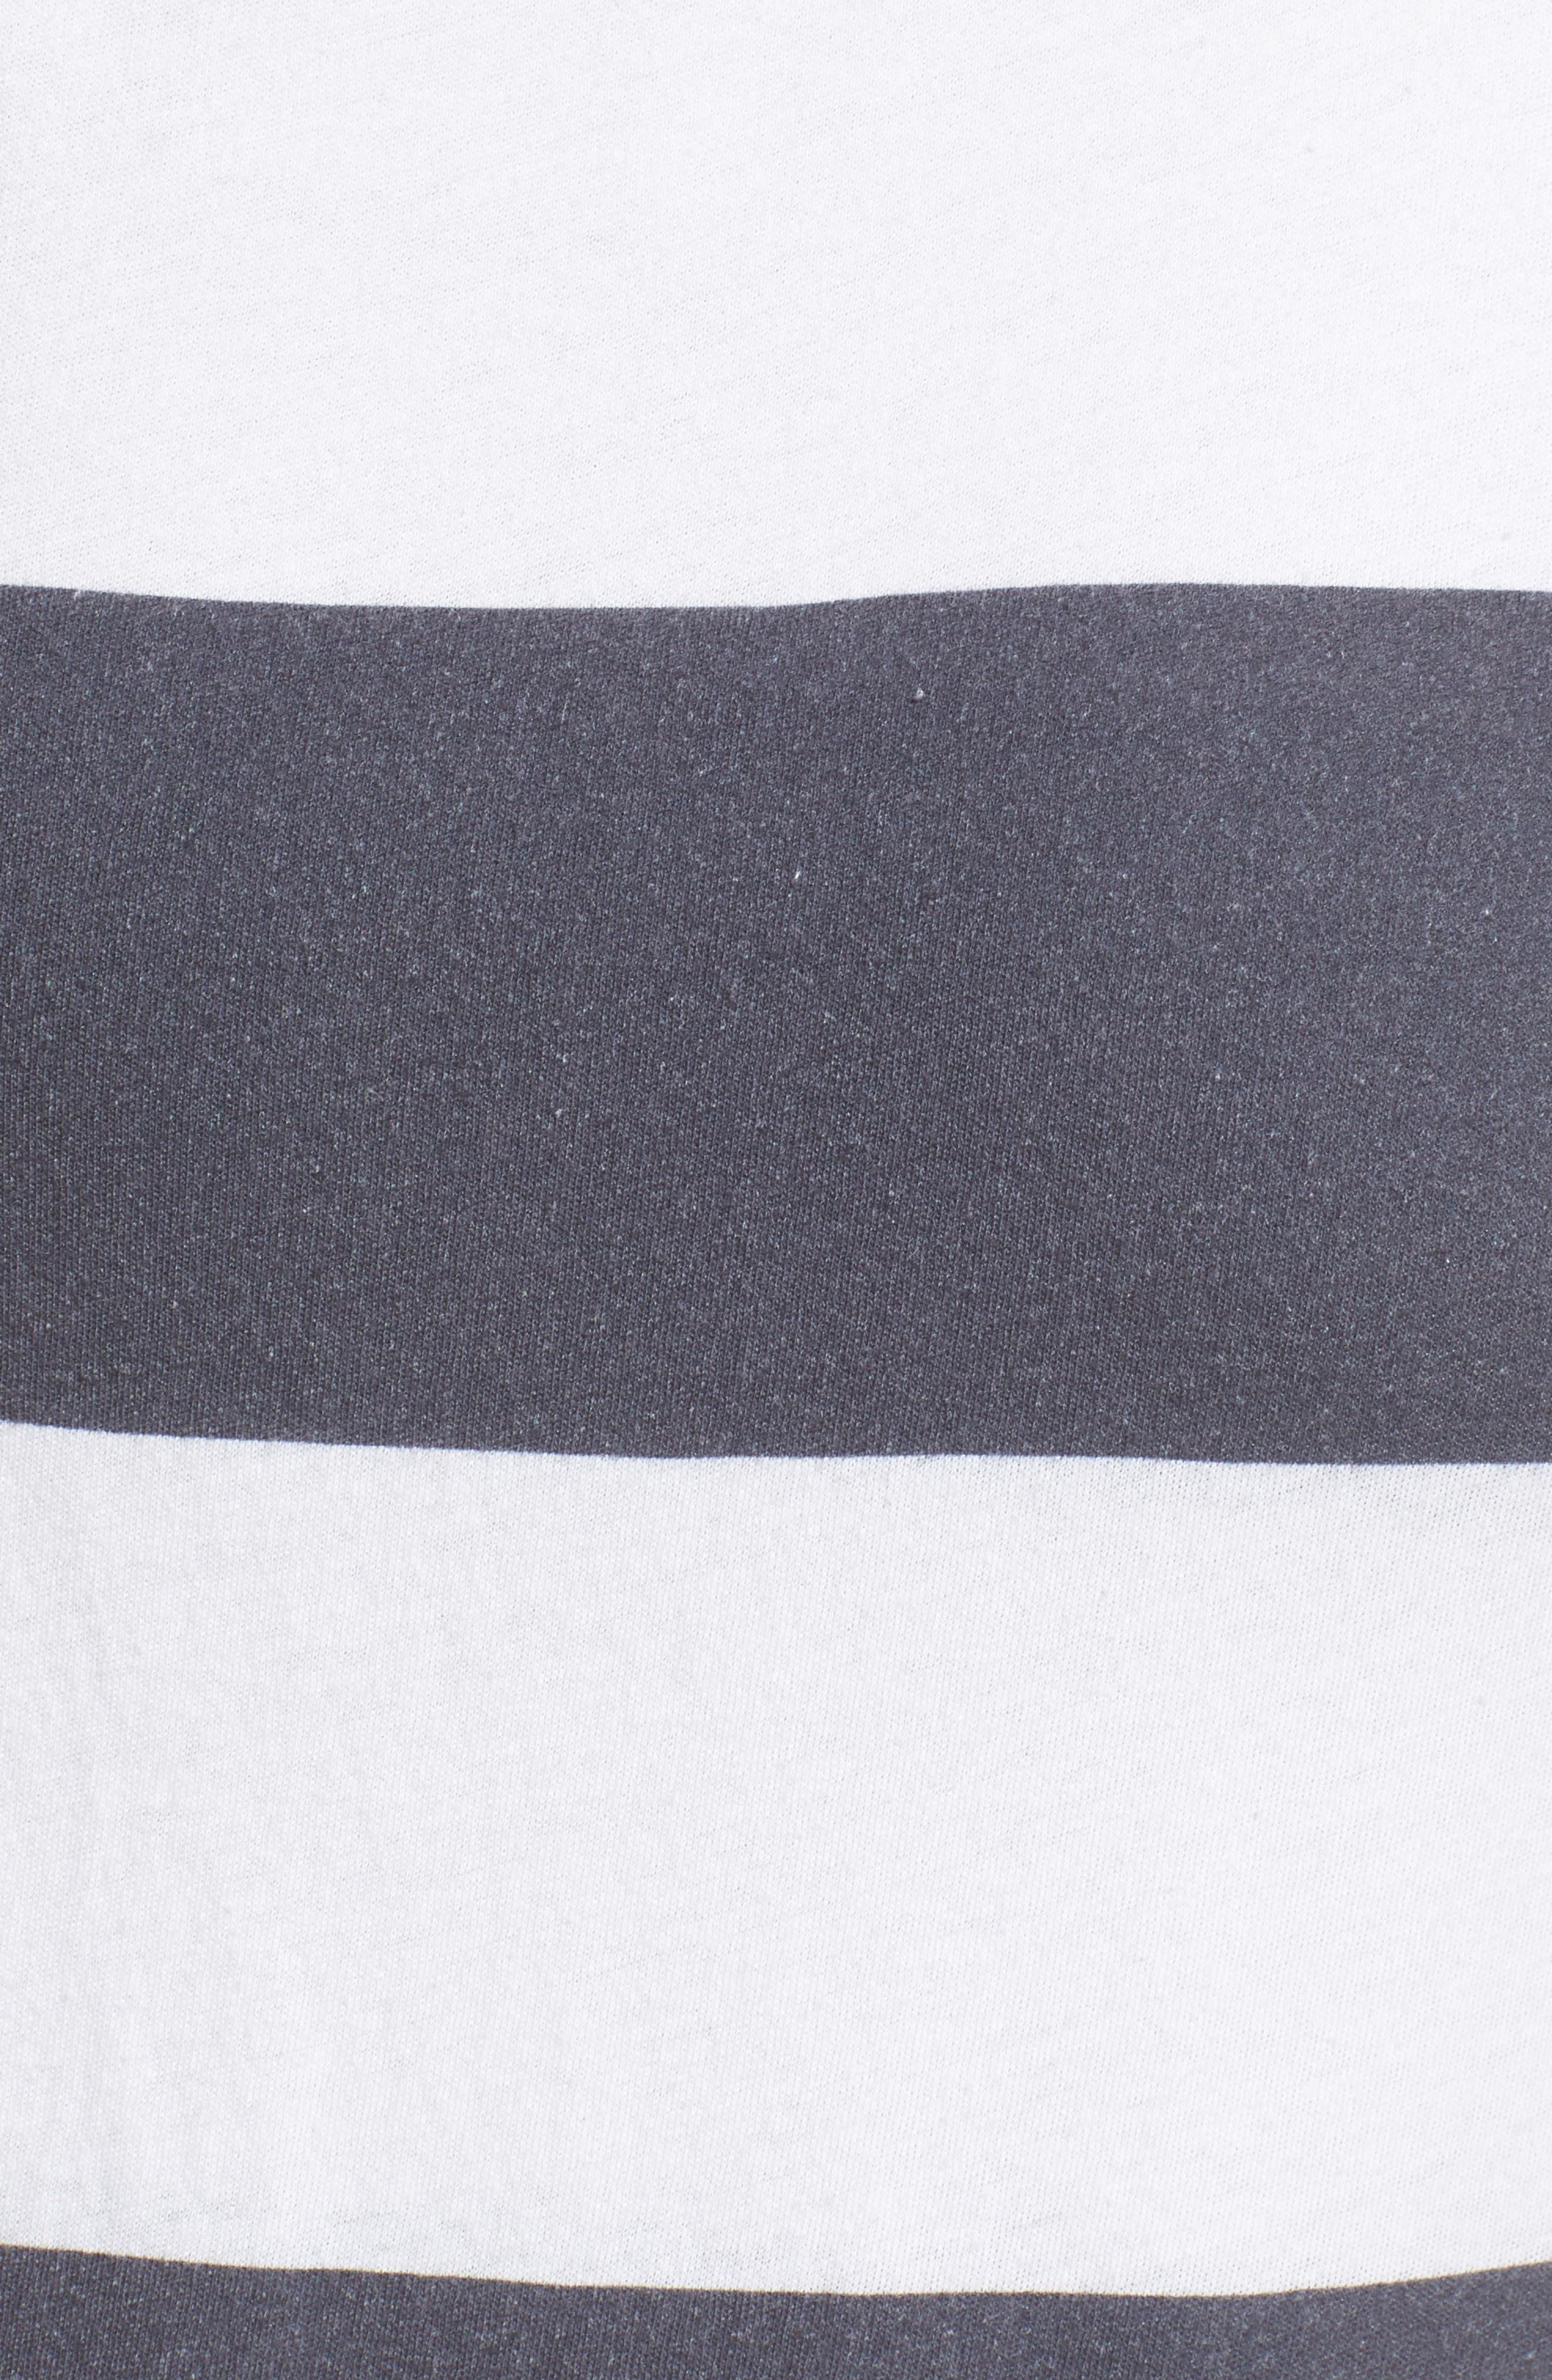 Stripe Asymmetrical Skirt,                             Alternate thumbnail 5, color,                             020